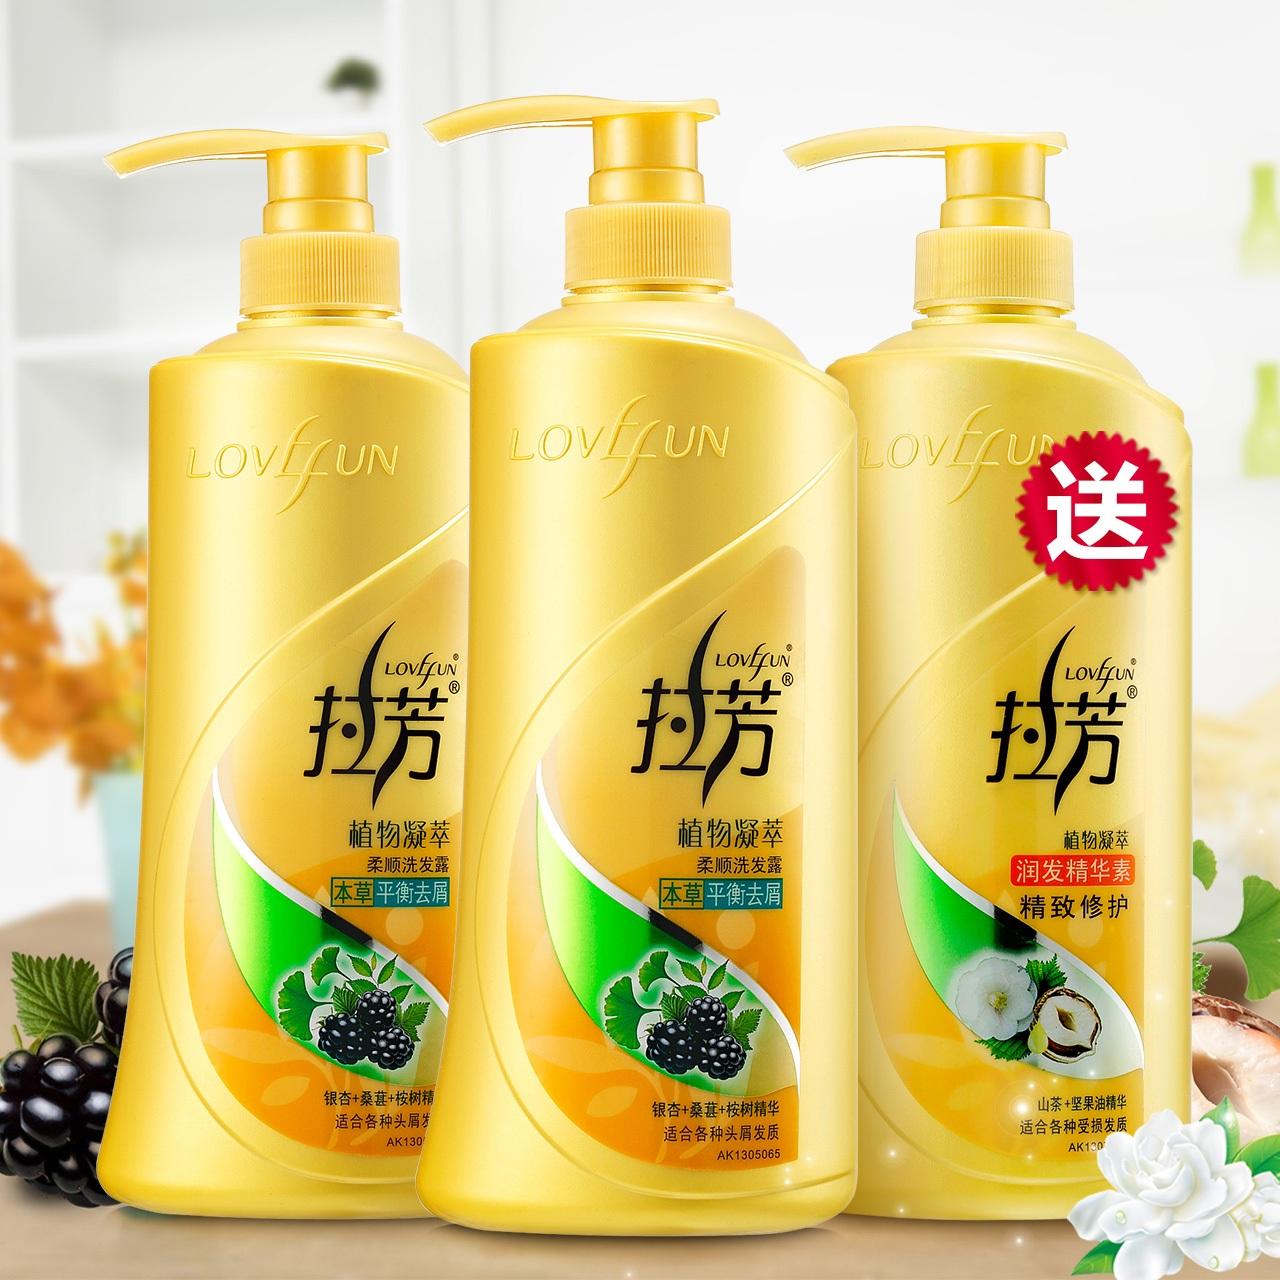 拉芳 植物凝萃去屑柔顺洗发露750mlx2+润发精华护发素750ml三件套